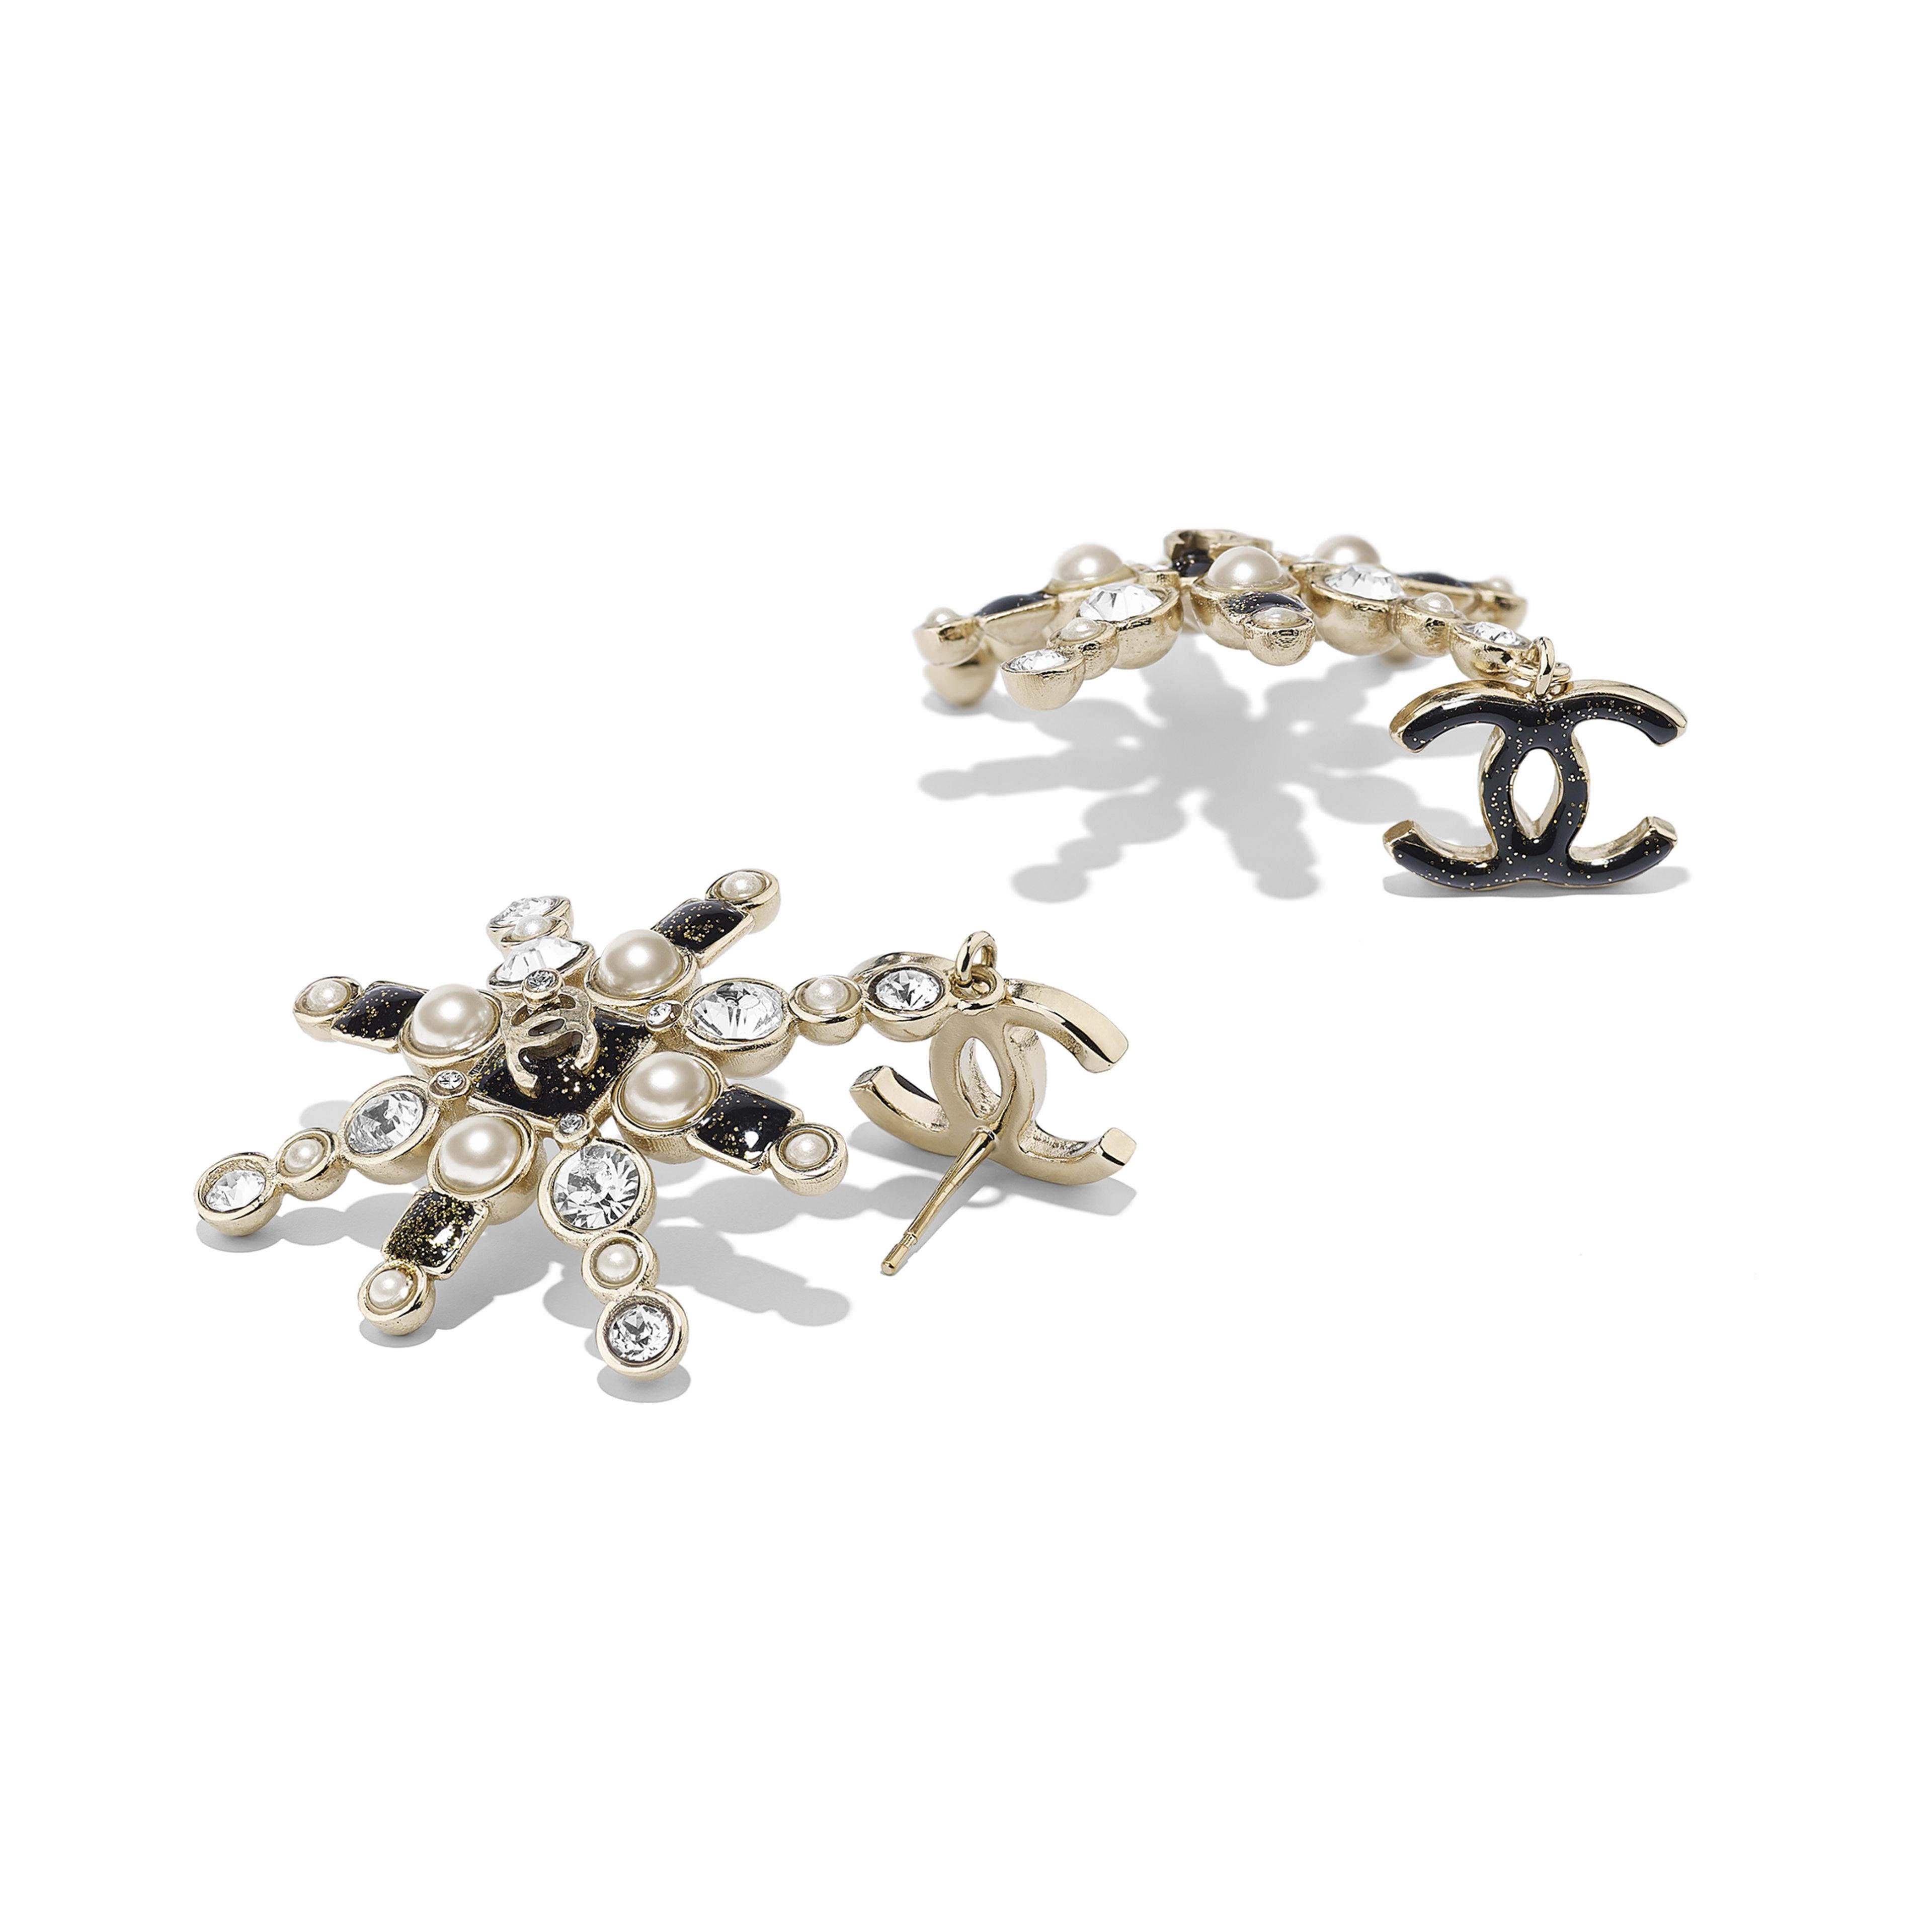 Серьги - золотистый, жемчужно-белый, черный и кристальный - Металл, стеклянный жемчуг и стразы - Альтернативный вид - посмотреть полноразмерное изображение